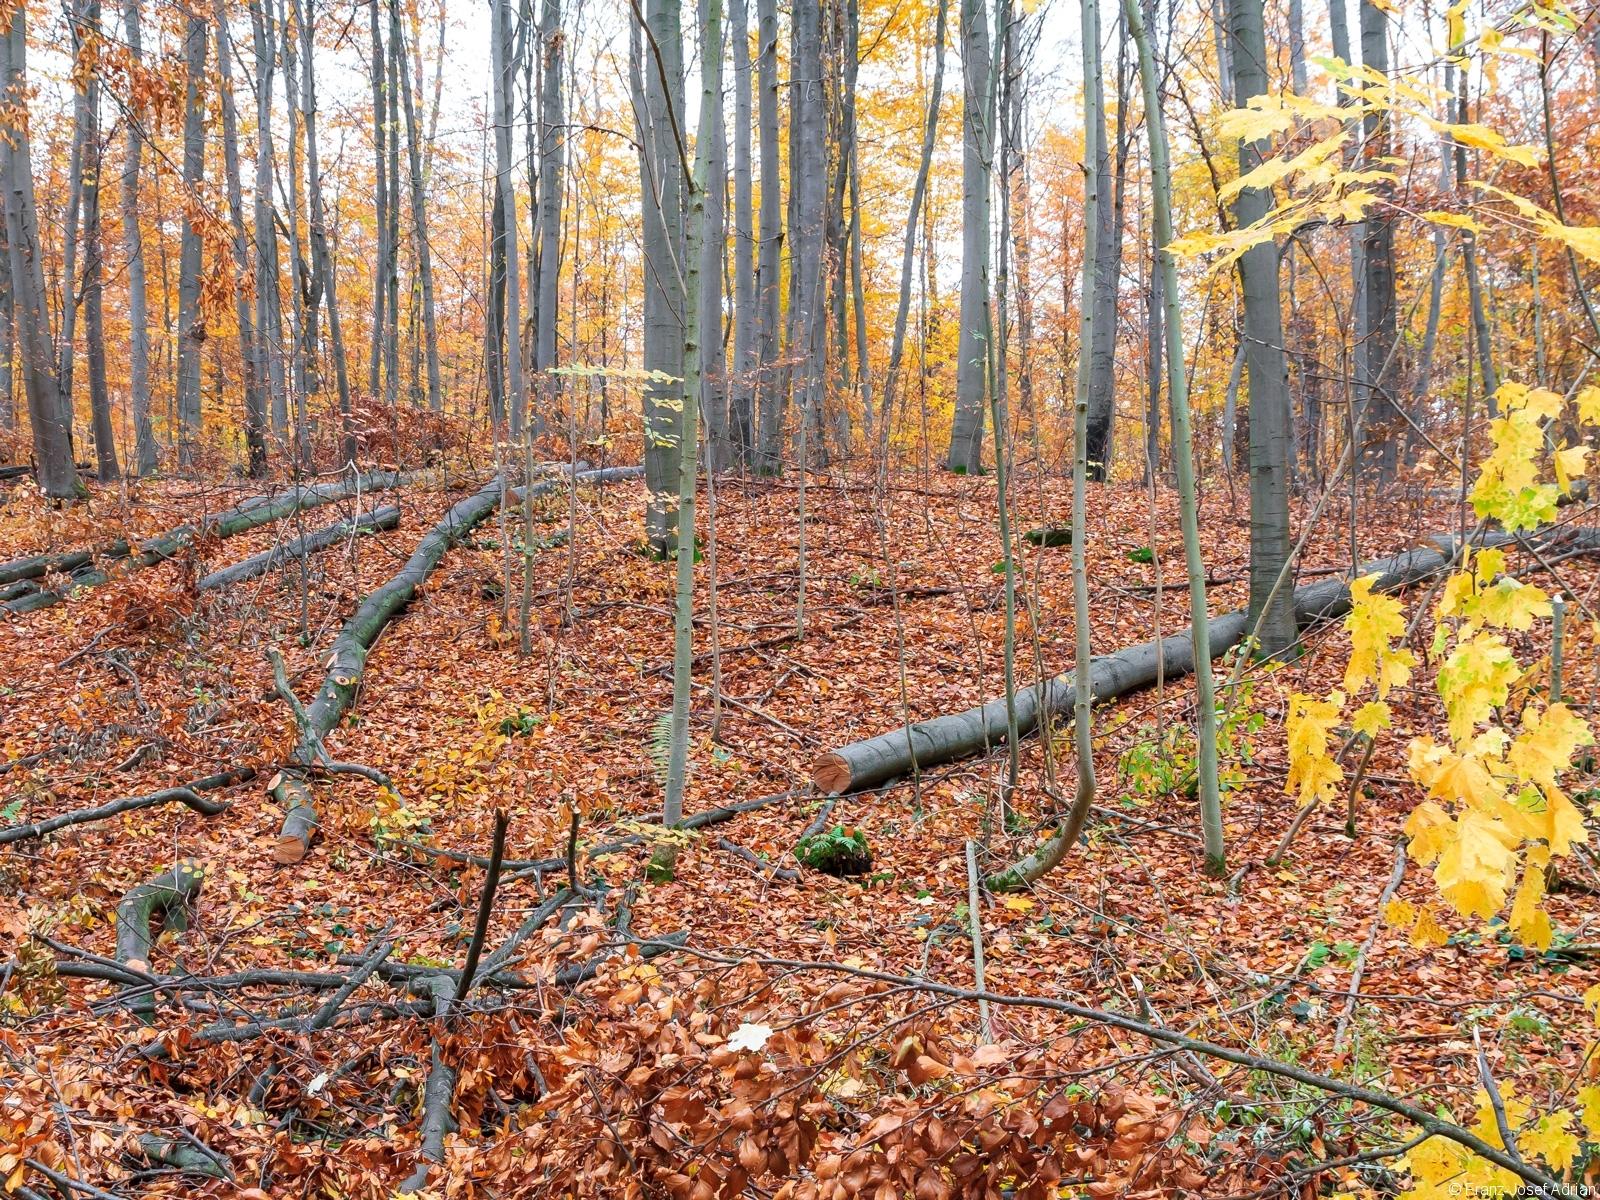 relativ hoher Holzvorrat mit 380 Vfm/ha